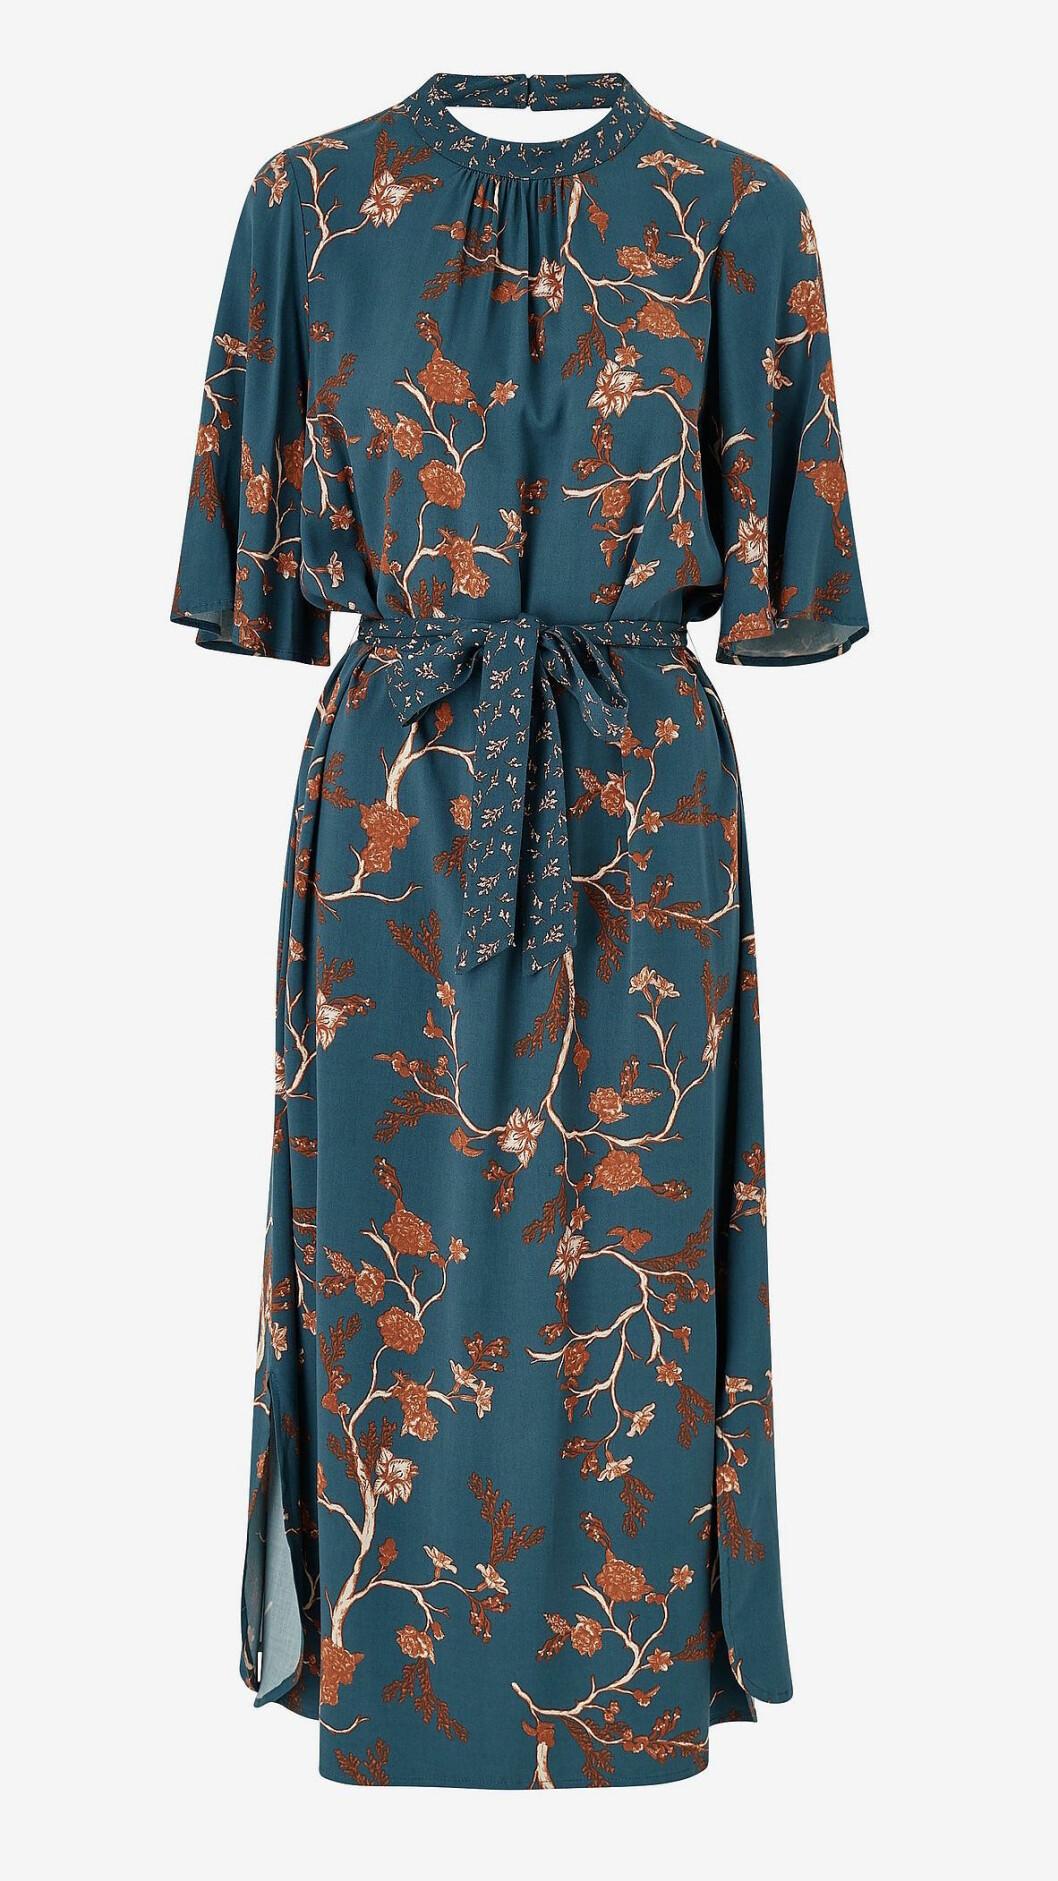 Blå höstklänning med bruna blommor för dam till 2019